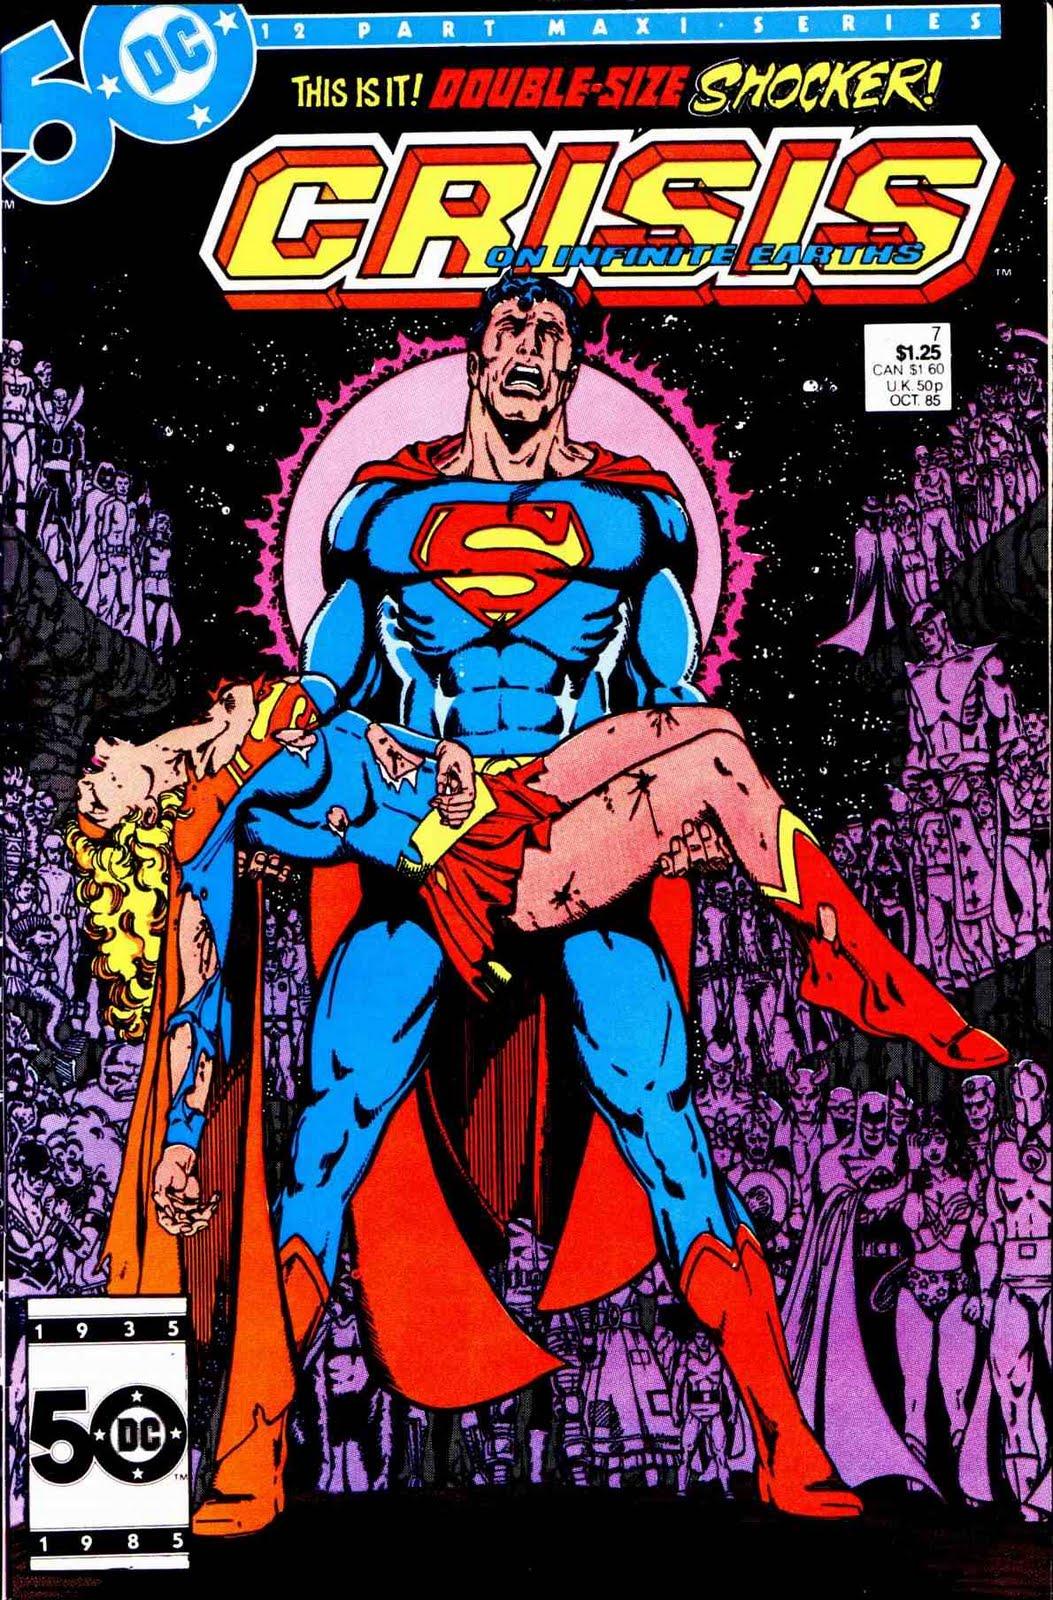 Um dos momentos mais importantes dos quadrinhos de super-heróis, esta capa poderia muito bem ganhar uma releitura para Heroes in Crisis. Arte de George Pérez.